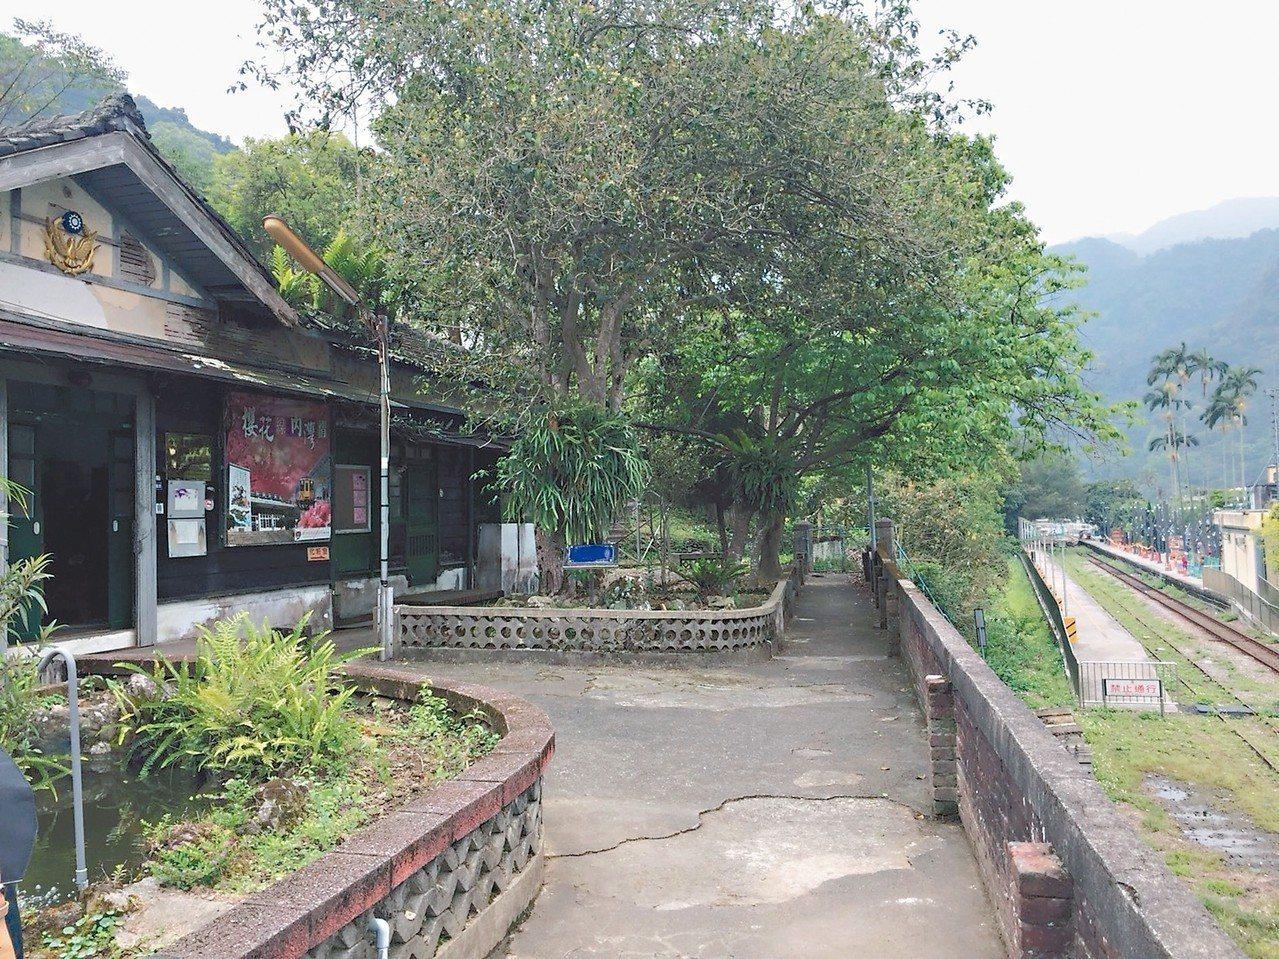 新竹縣最老的派出所「內灣派出所」,已有80年的歷史,由於前頭是鐵路,是台灣少見連...